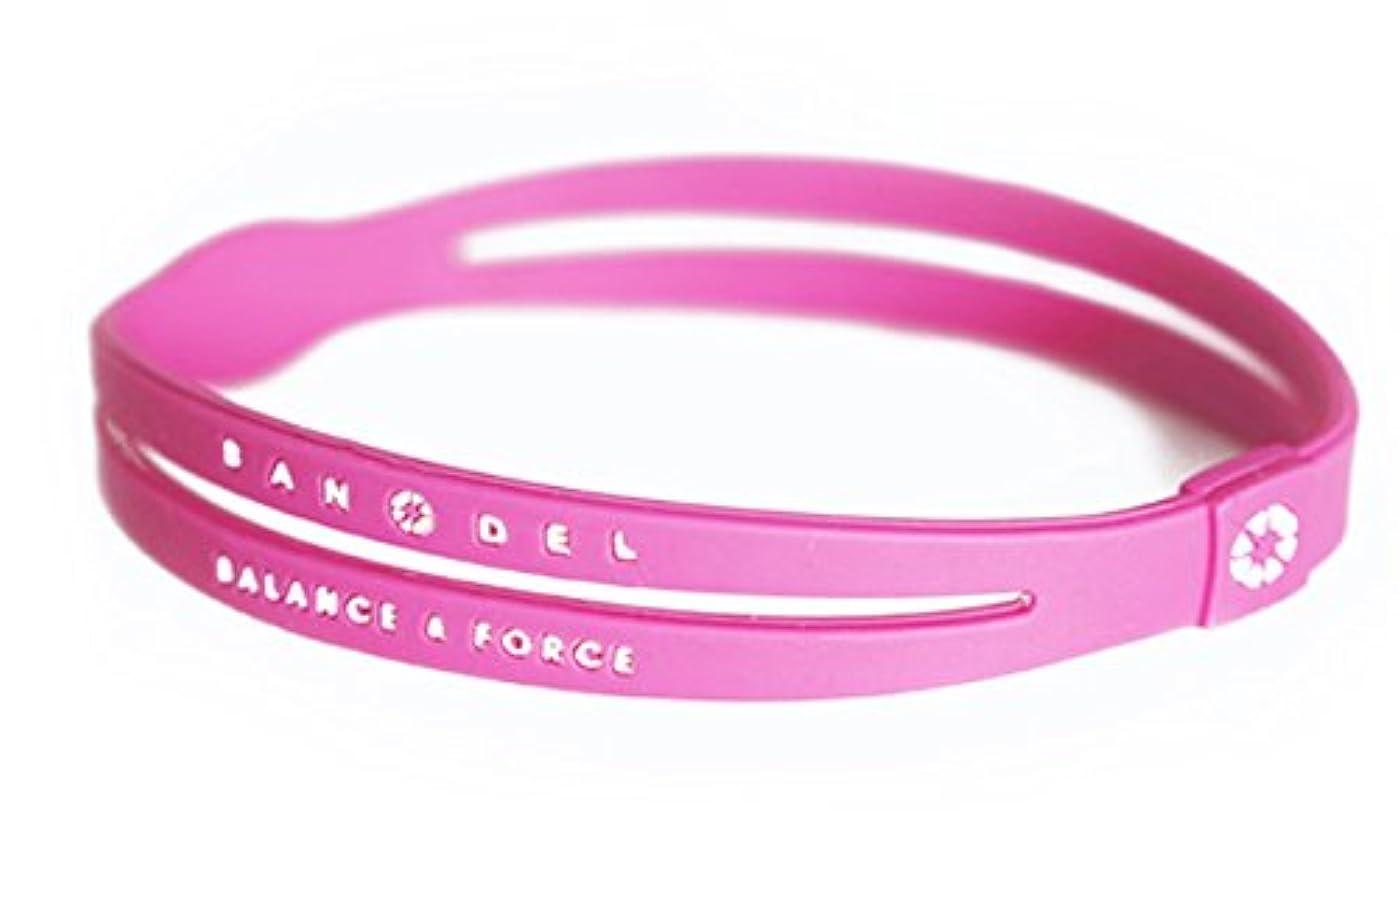 真っ逆さまガム闘争バンデル(BANDEL) アンクレット [Pink×White?ピンク×ホワイト?Lサイズ]